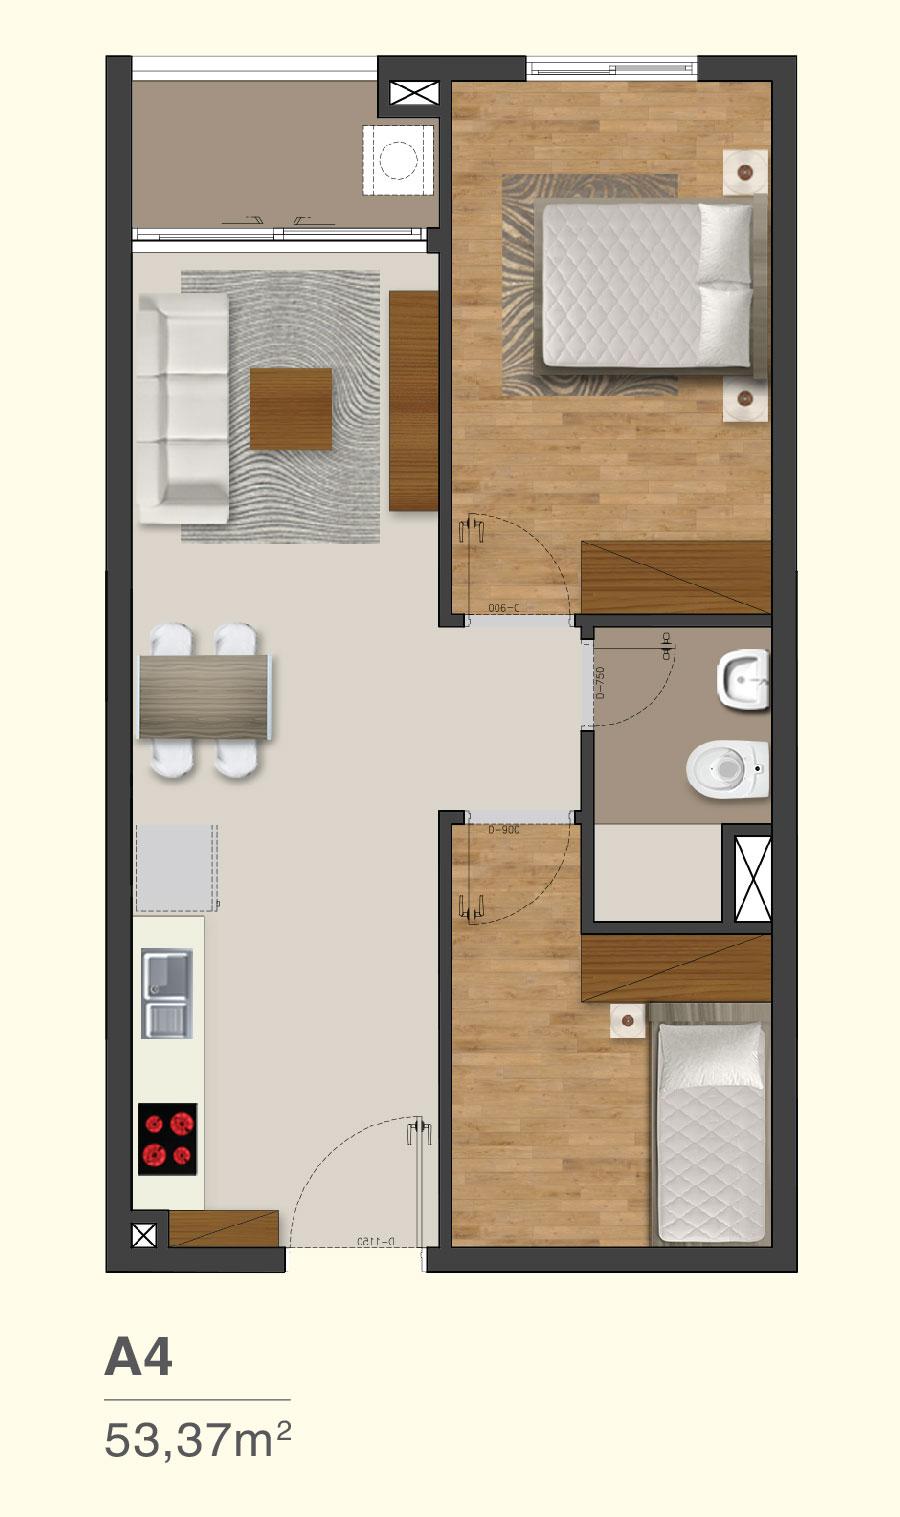 Mẫu căn hộ 2 PN dự án Moonlight Park View quận Bình Tân Hưng Thịnh